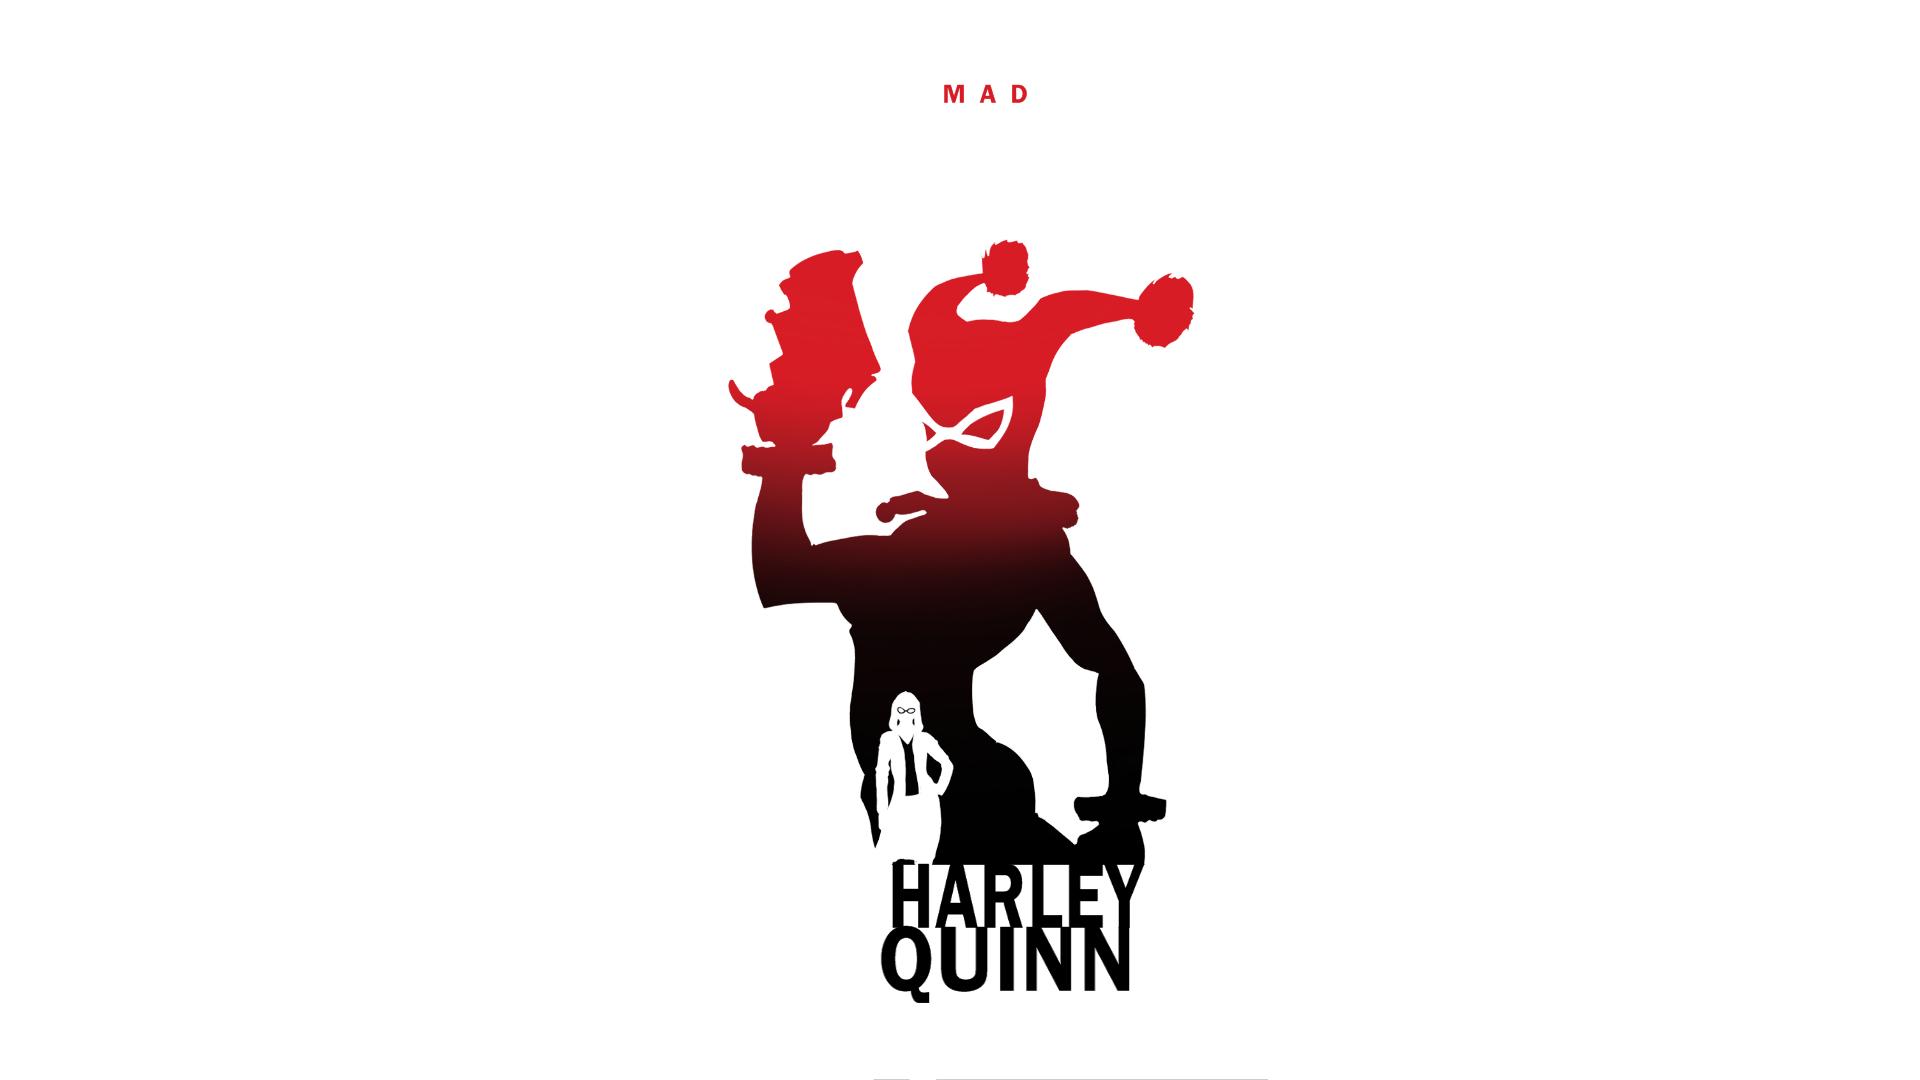 Captain marvel logo outline